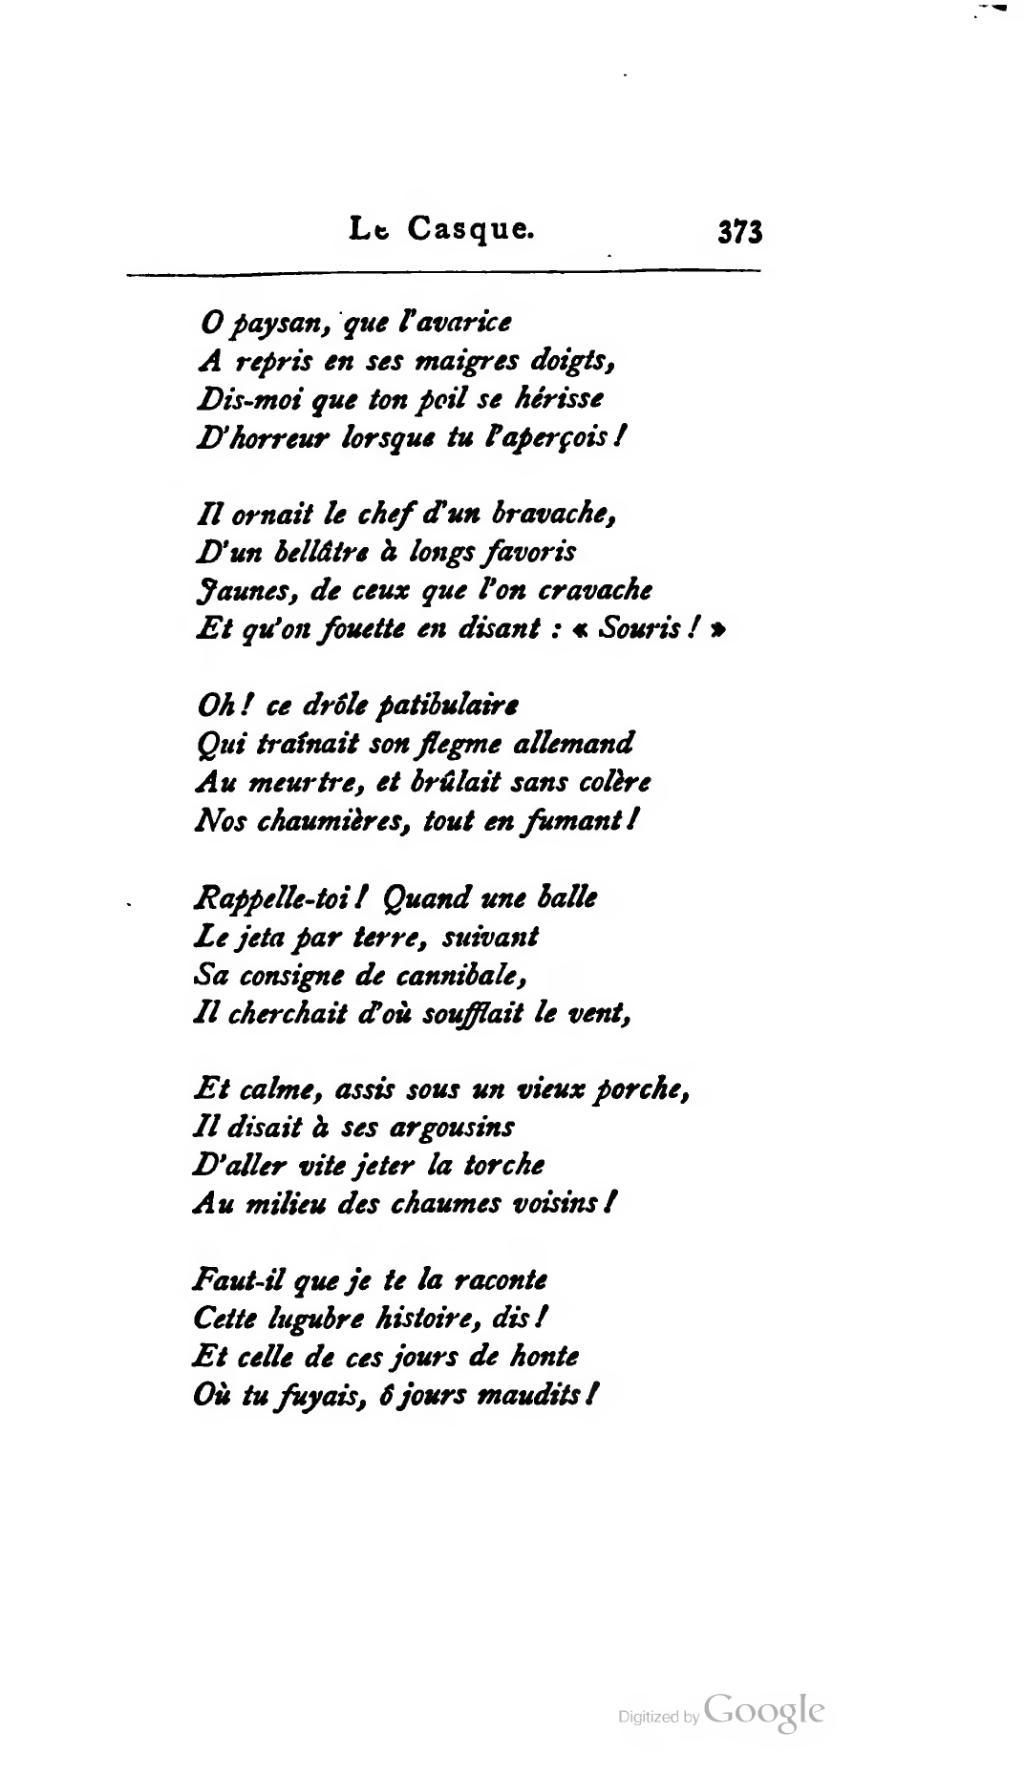 Histoire D Horreur A Raconter : histoire, horreur, raconter, Page:Glatigny, Œuvres,, Lemerre.djvu/432, Wikisource